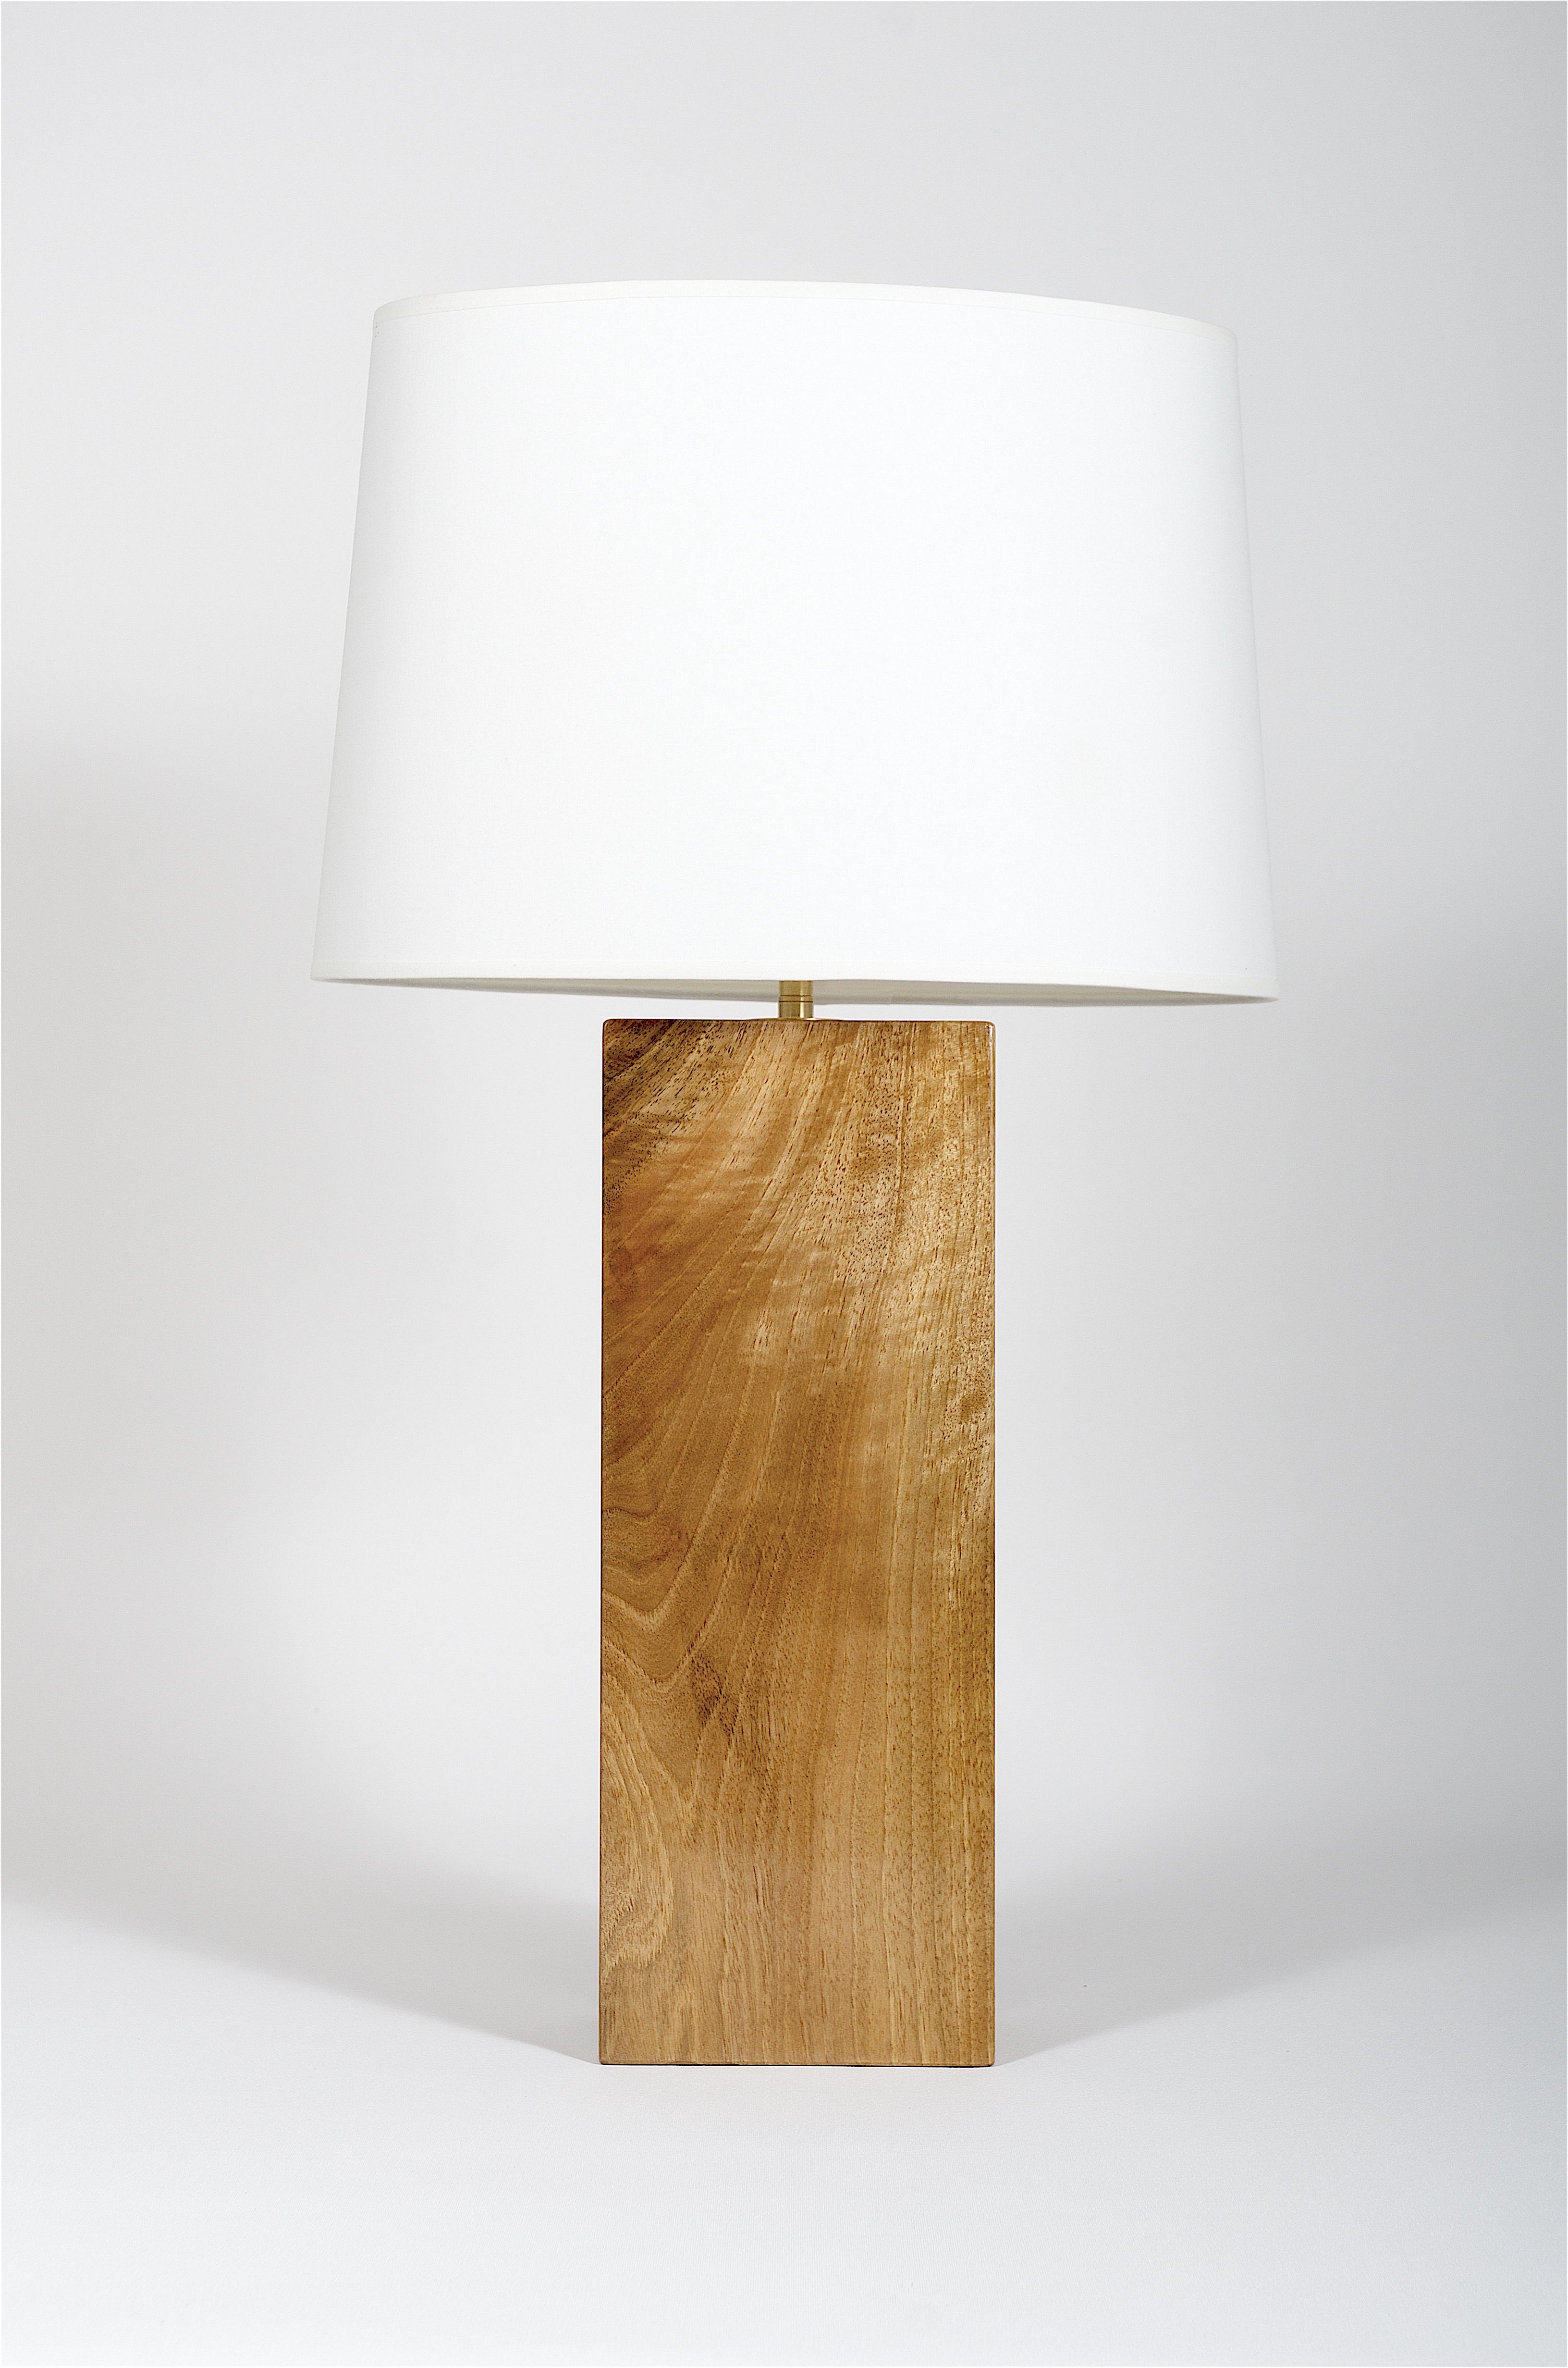 Lampe de bureau noyer - Handschutter art & design / Création de ...